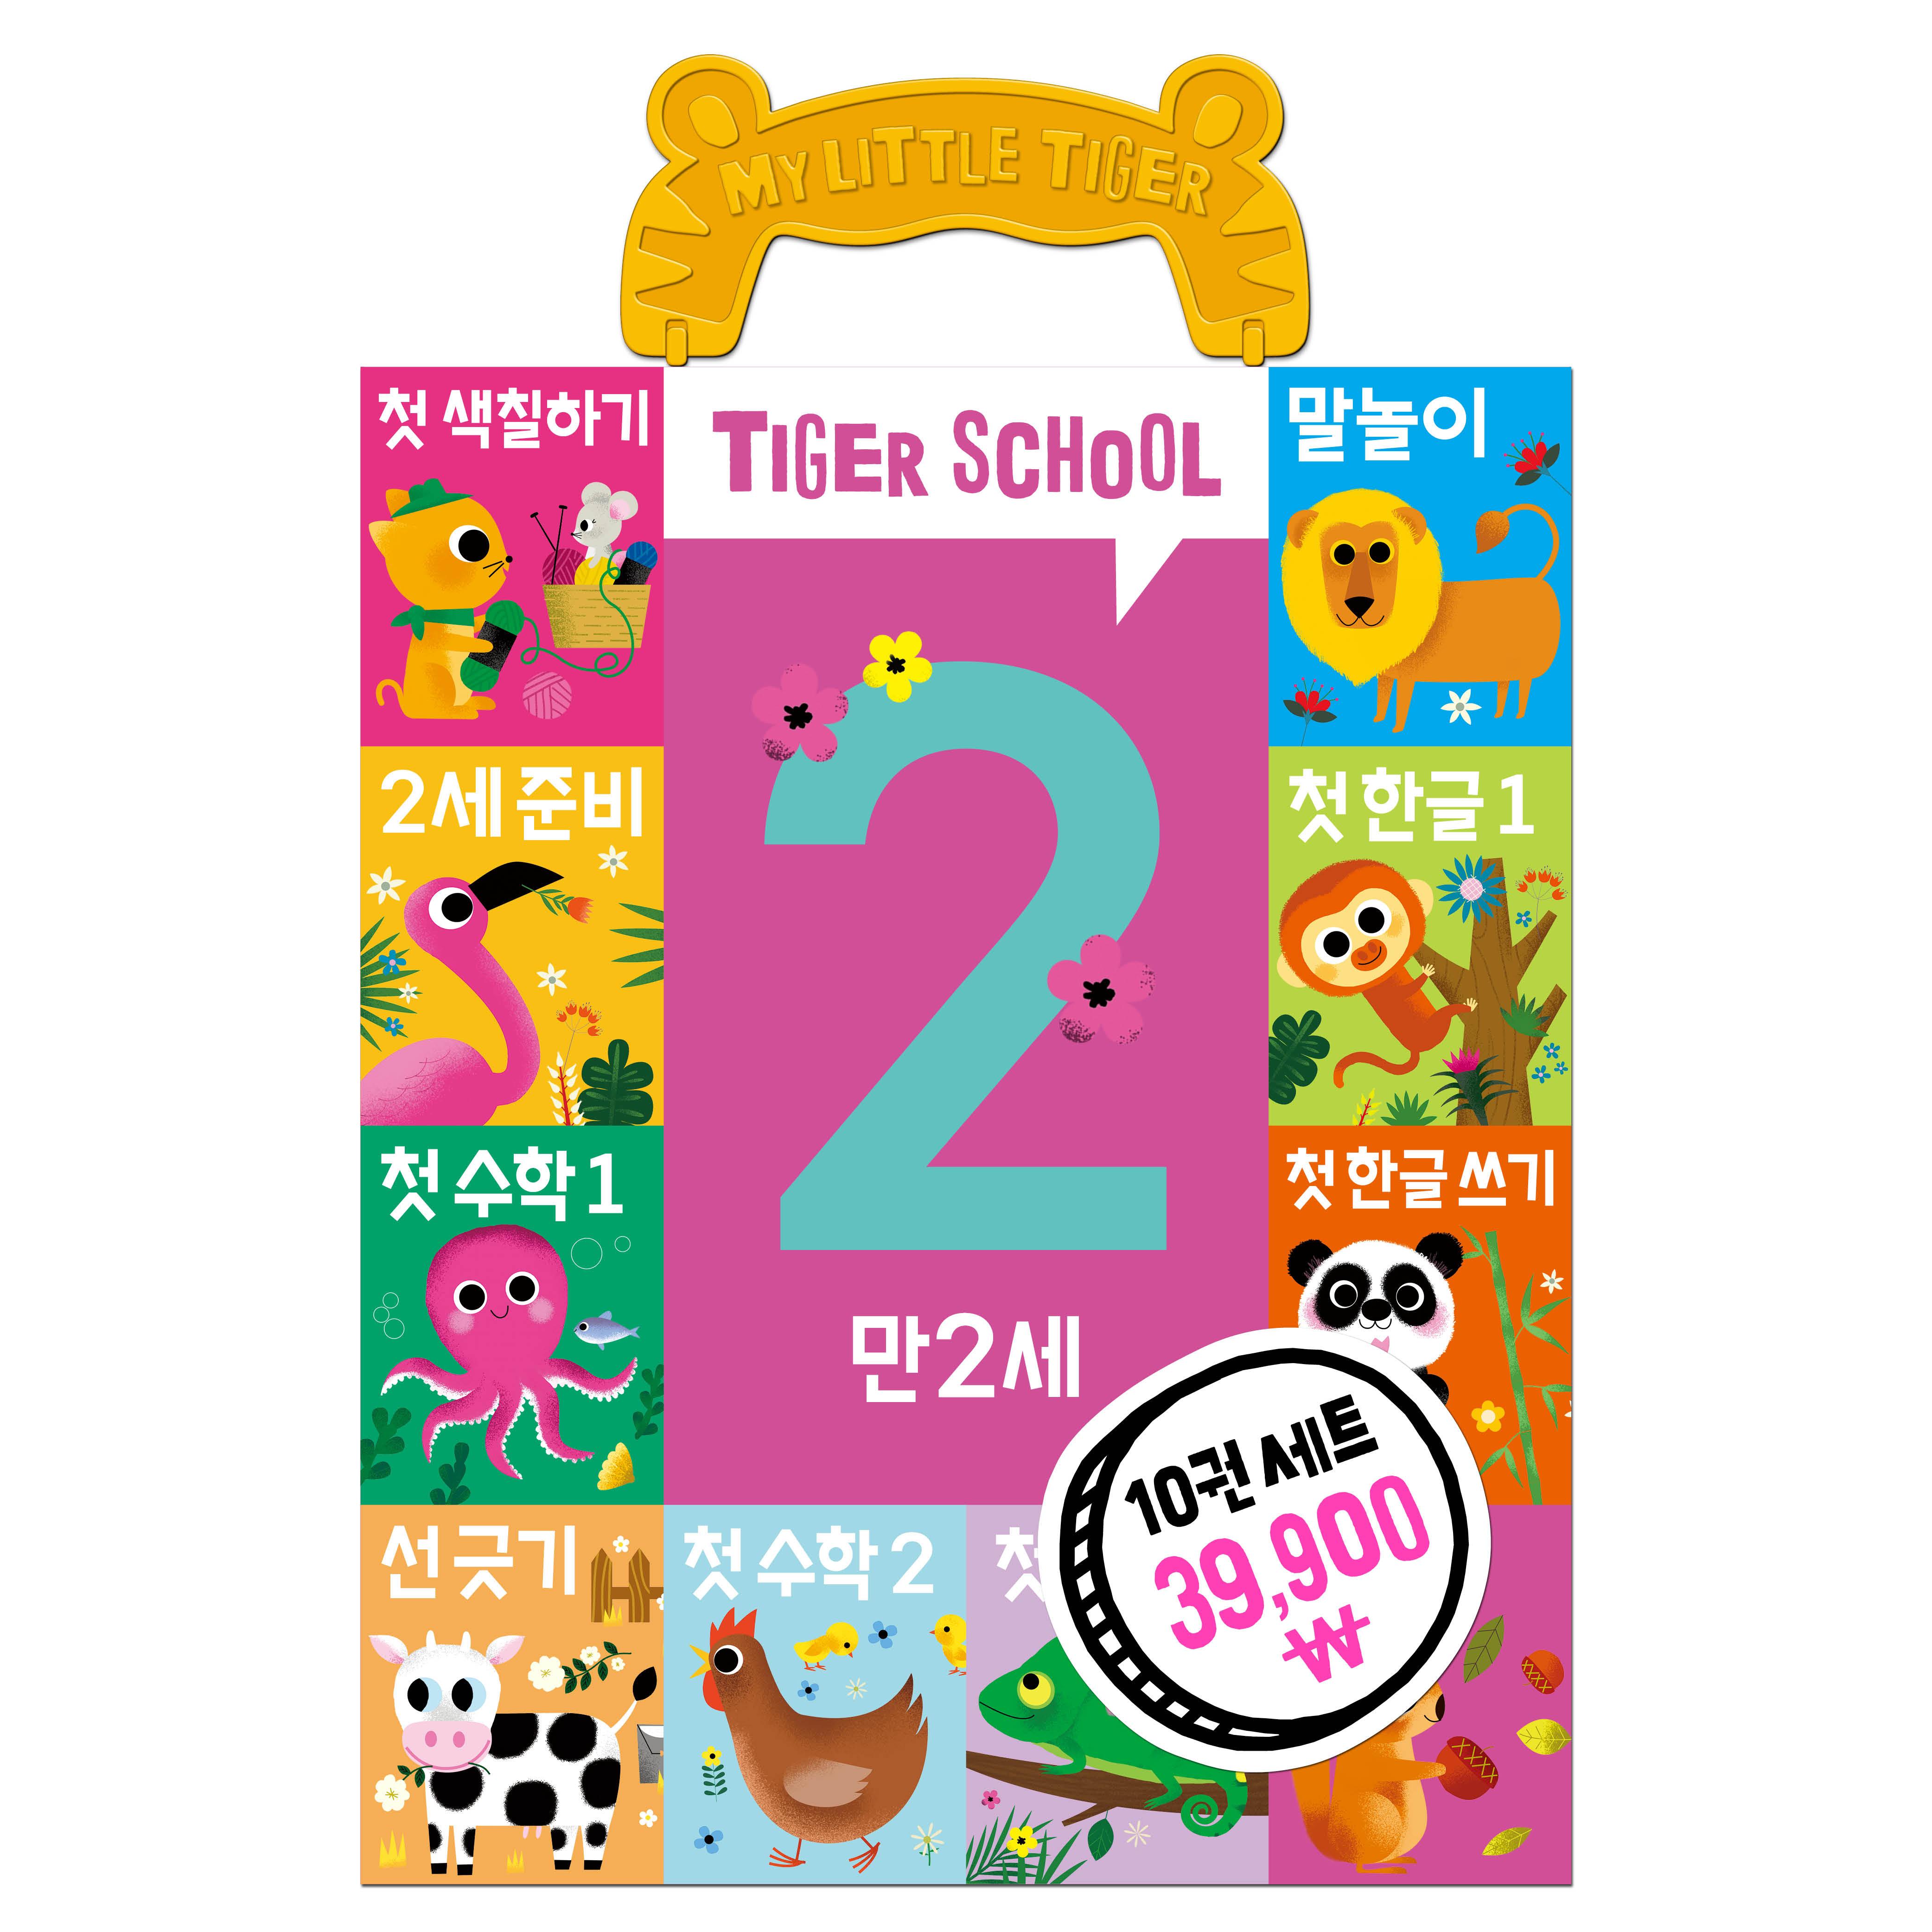 [도서/음반/DVD] 만2세 타이거 스쿨 10종 세트, 마이리틀타이거 - 랭킹87위 (39900원)